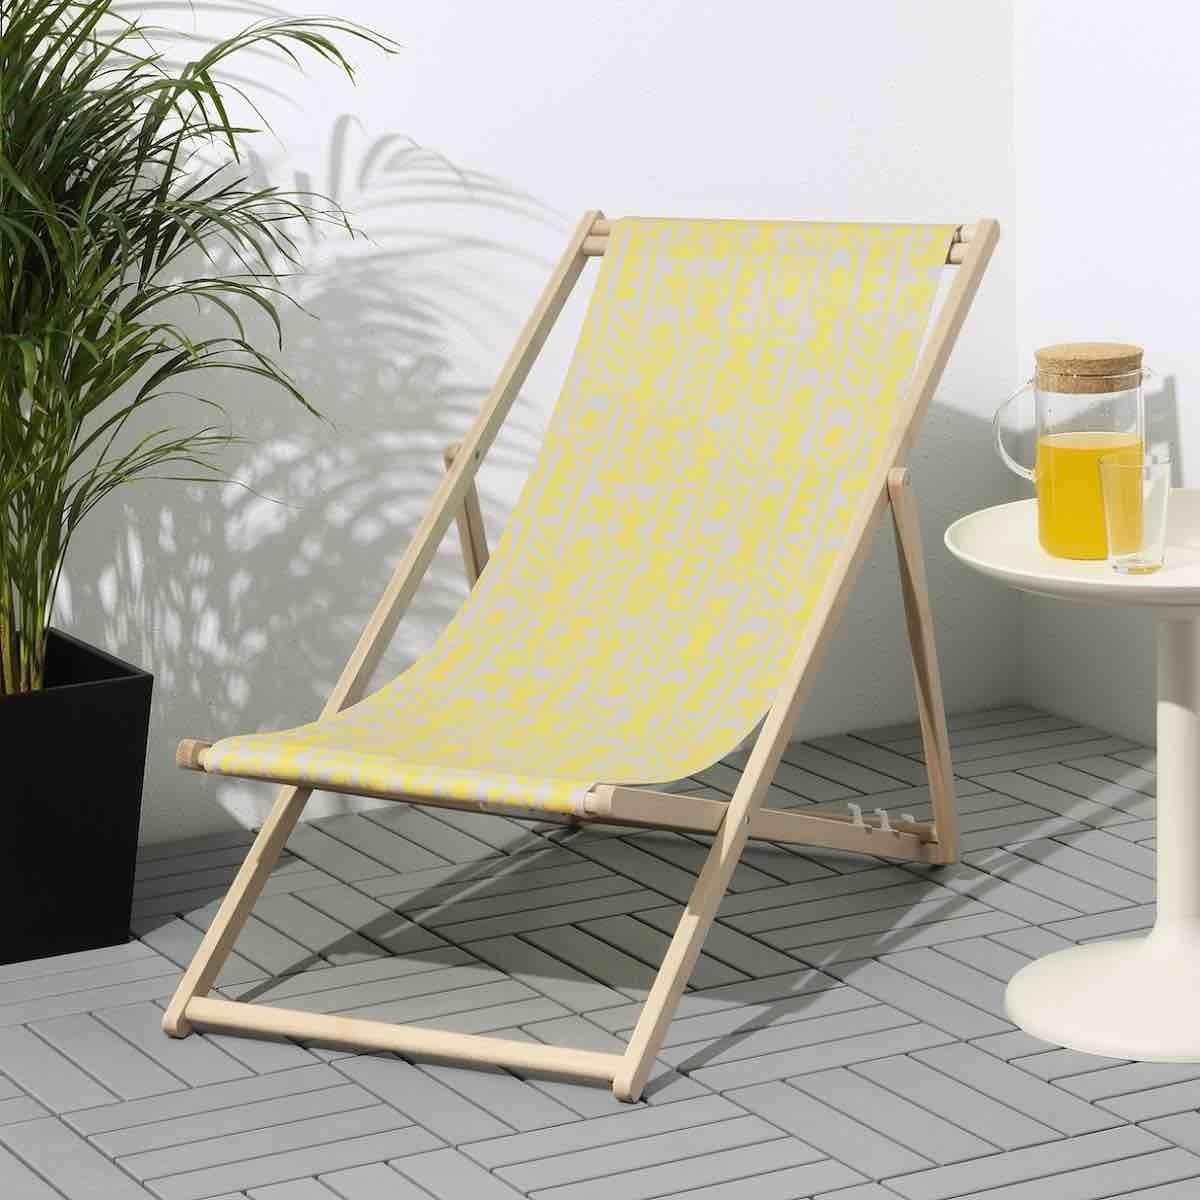 隨著夏日到來,除了為服裝做換季,消費者也可以趁機替大型家具汰舊換新,為居家生活增添新氣象。 圖片提供_IKEA